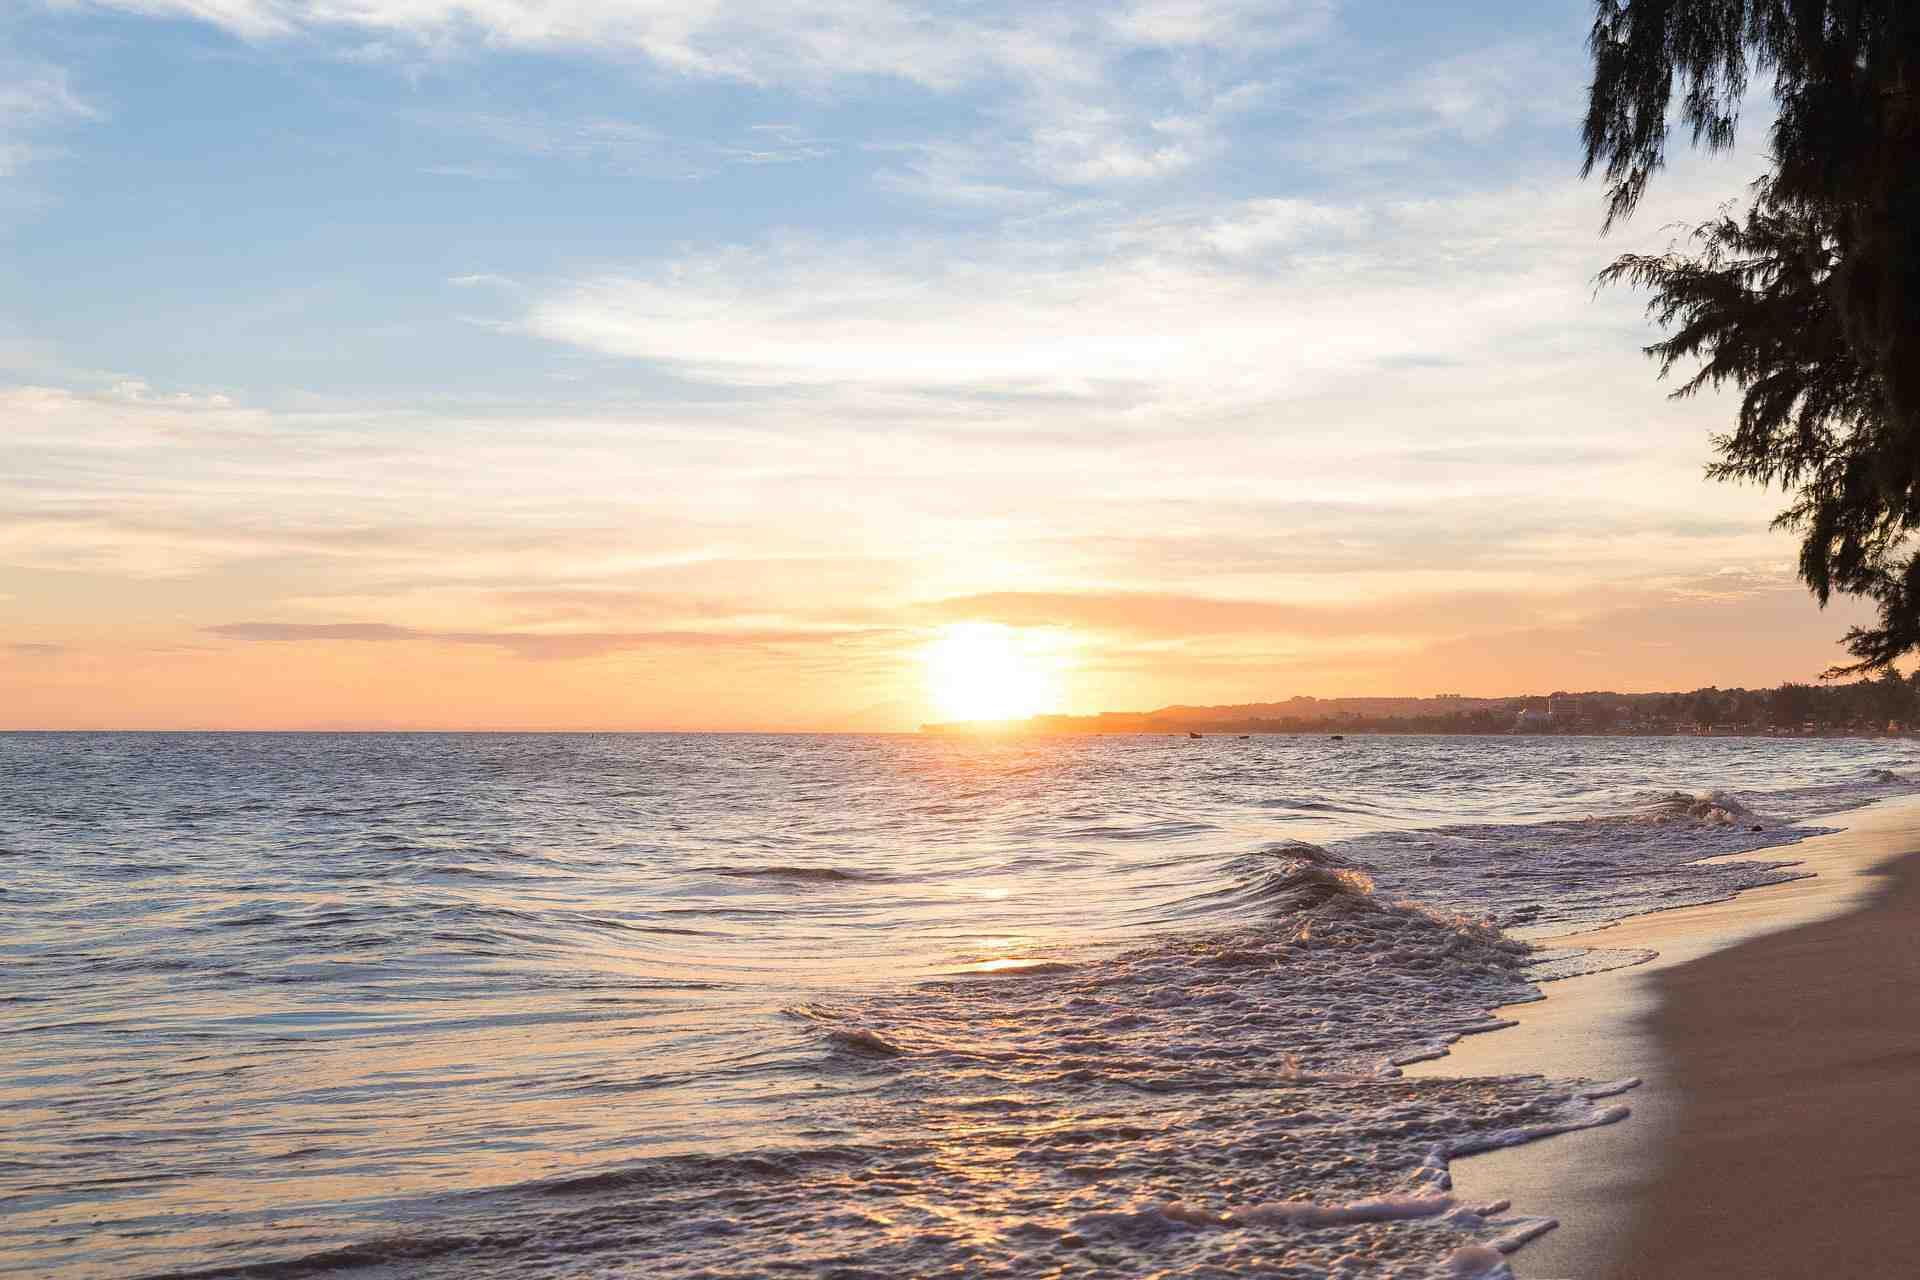 La spiaggia imperdibile dell'isola di Phu Quoc in Vietnam